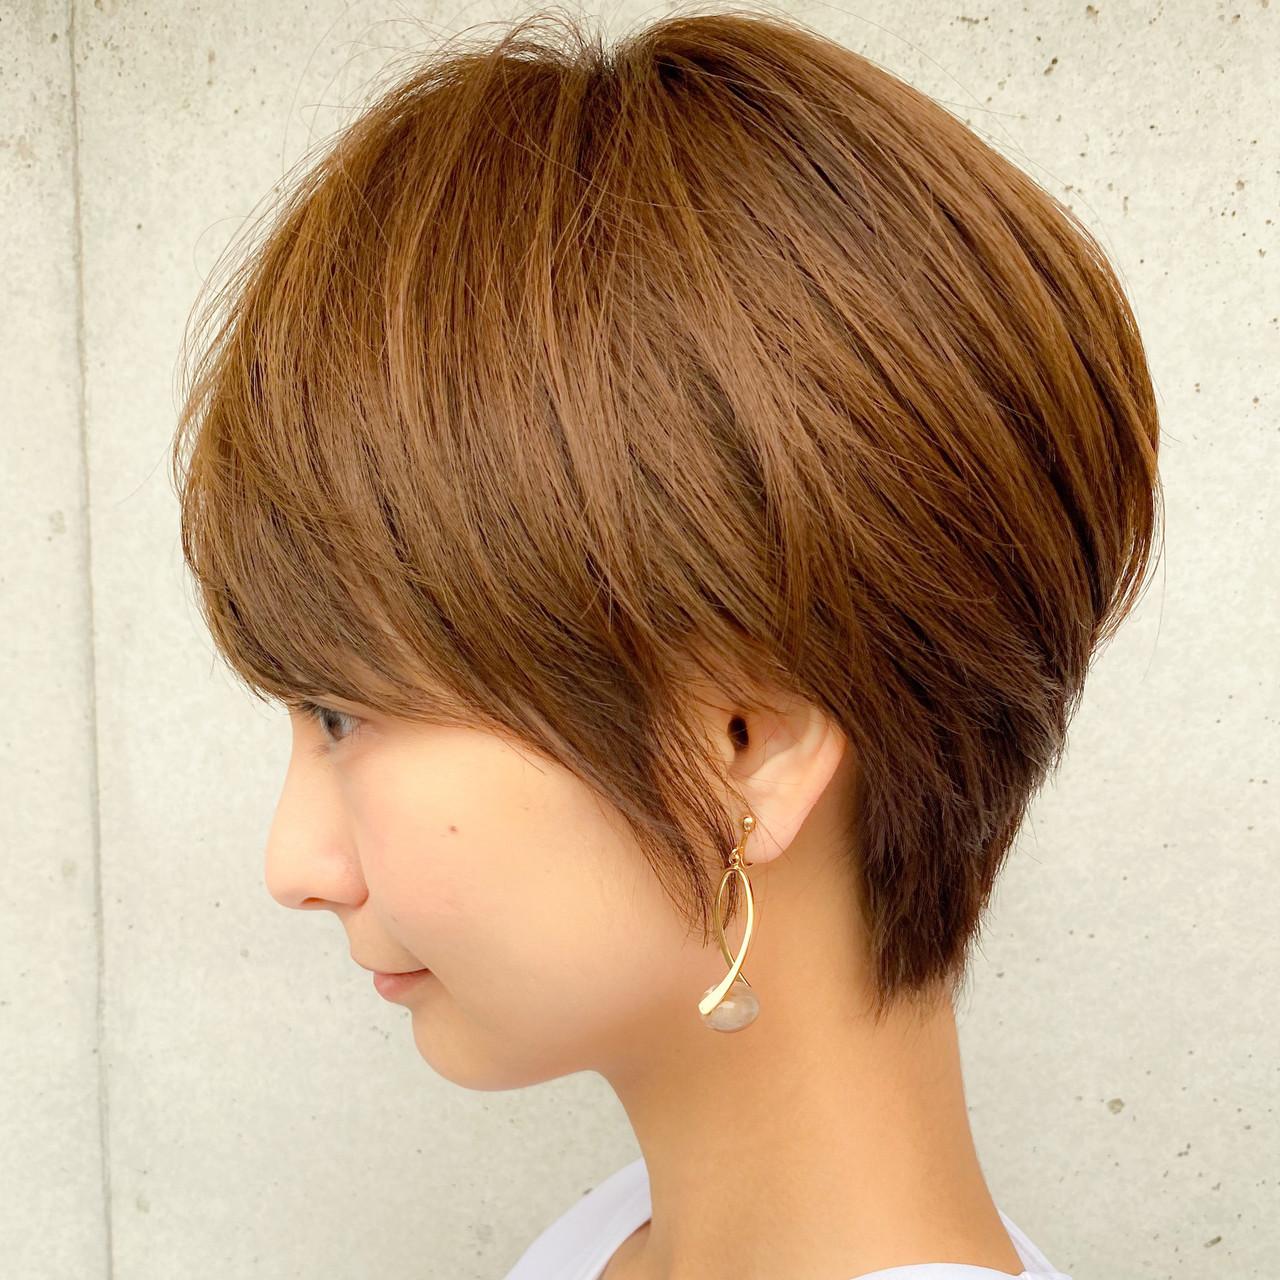 ショートボブ 大人可愛い ボブ 簡単ヘアアレンジ ヘアスタイルや髪型の写真・画像 | 櫻木裕紀 / Agnos青山